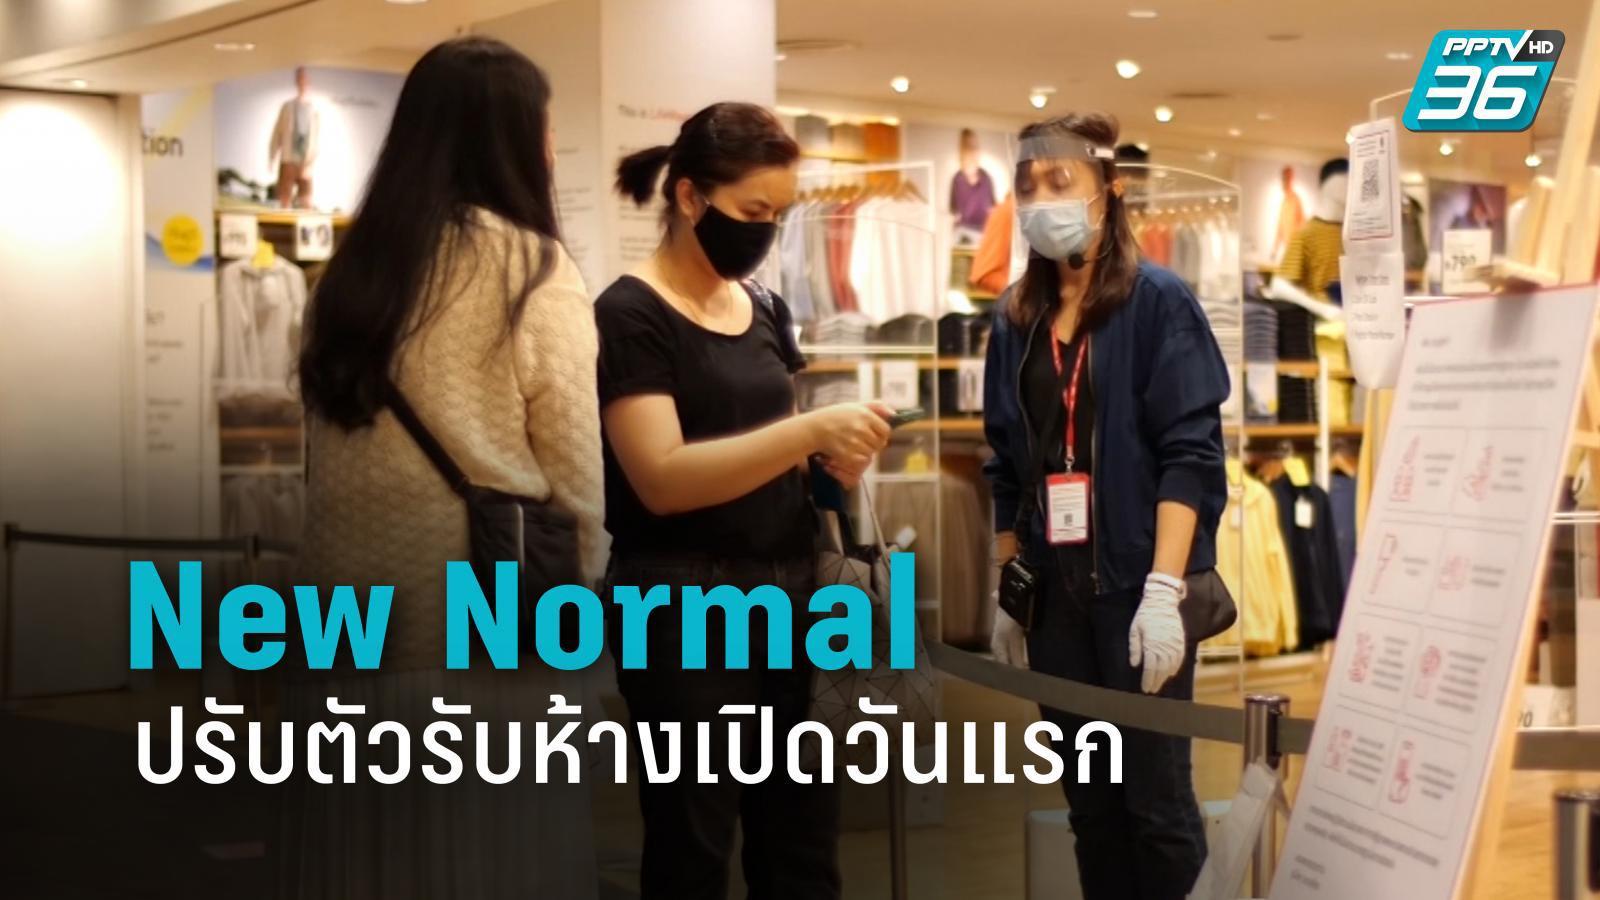 ปชช.ปรับตัววิถี New Normal รับห้างเปิดวันแรก